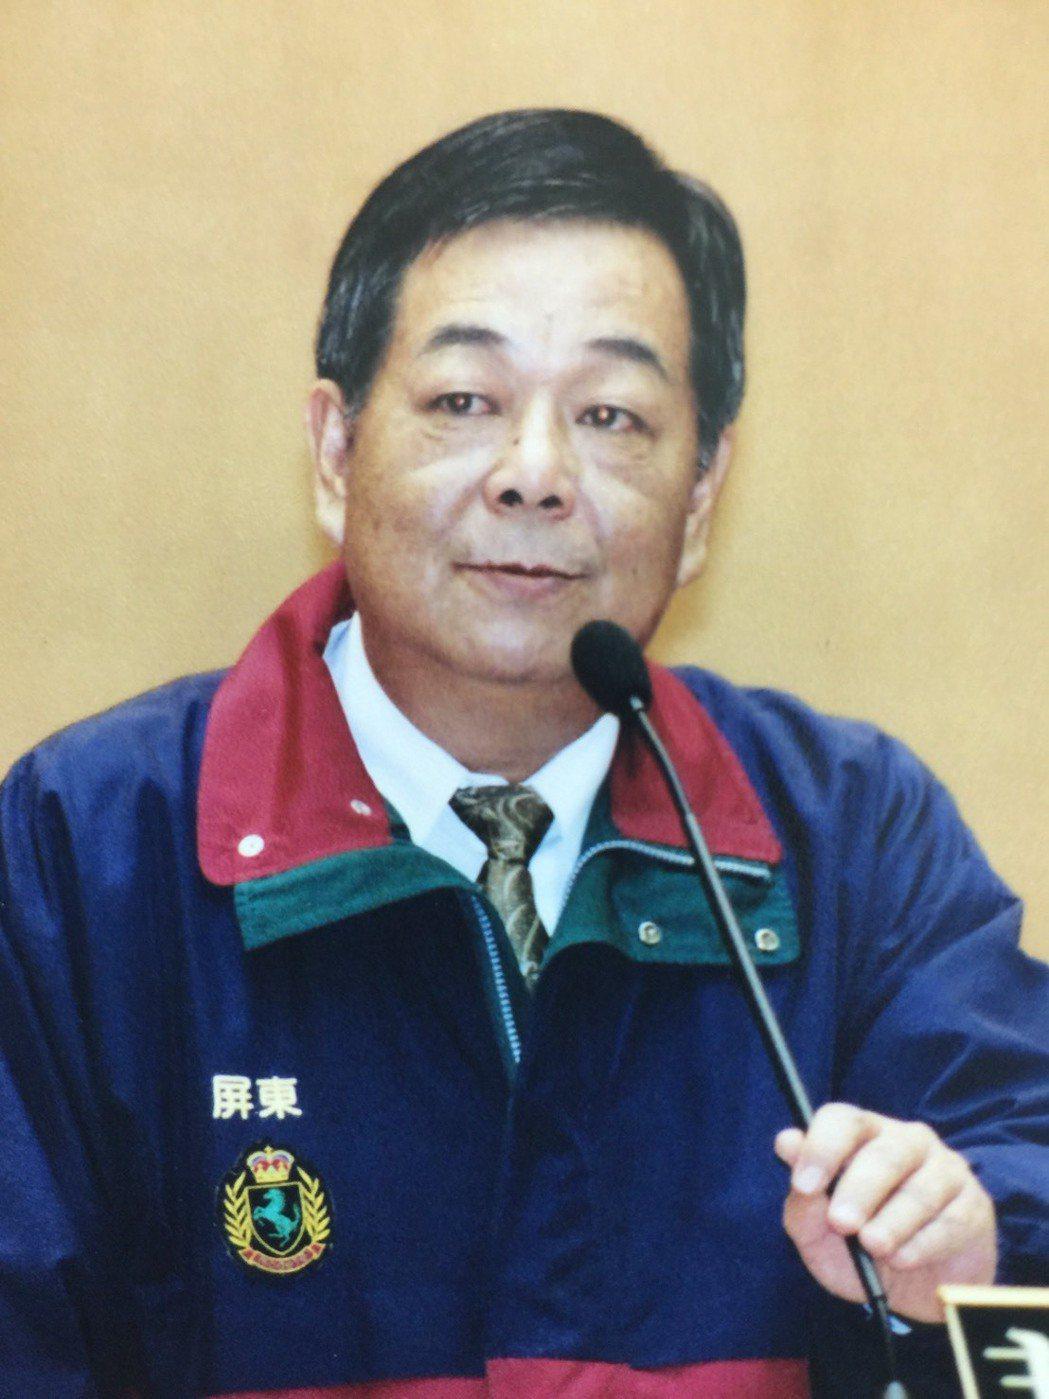 屏東縣議會前議長程清水將代理屏東市長。圖/讀者提供